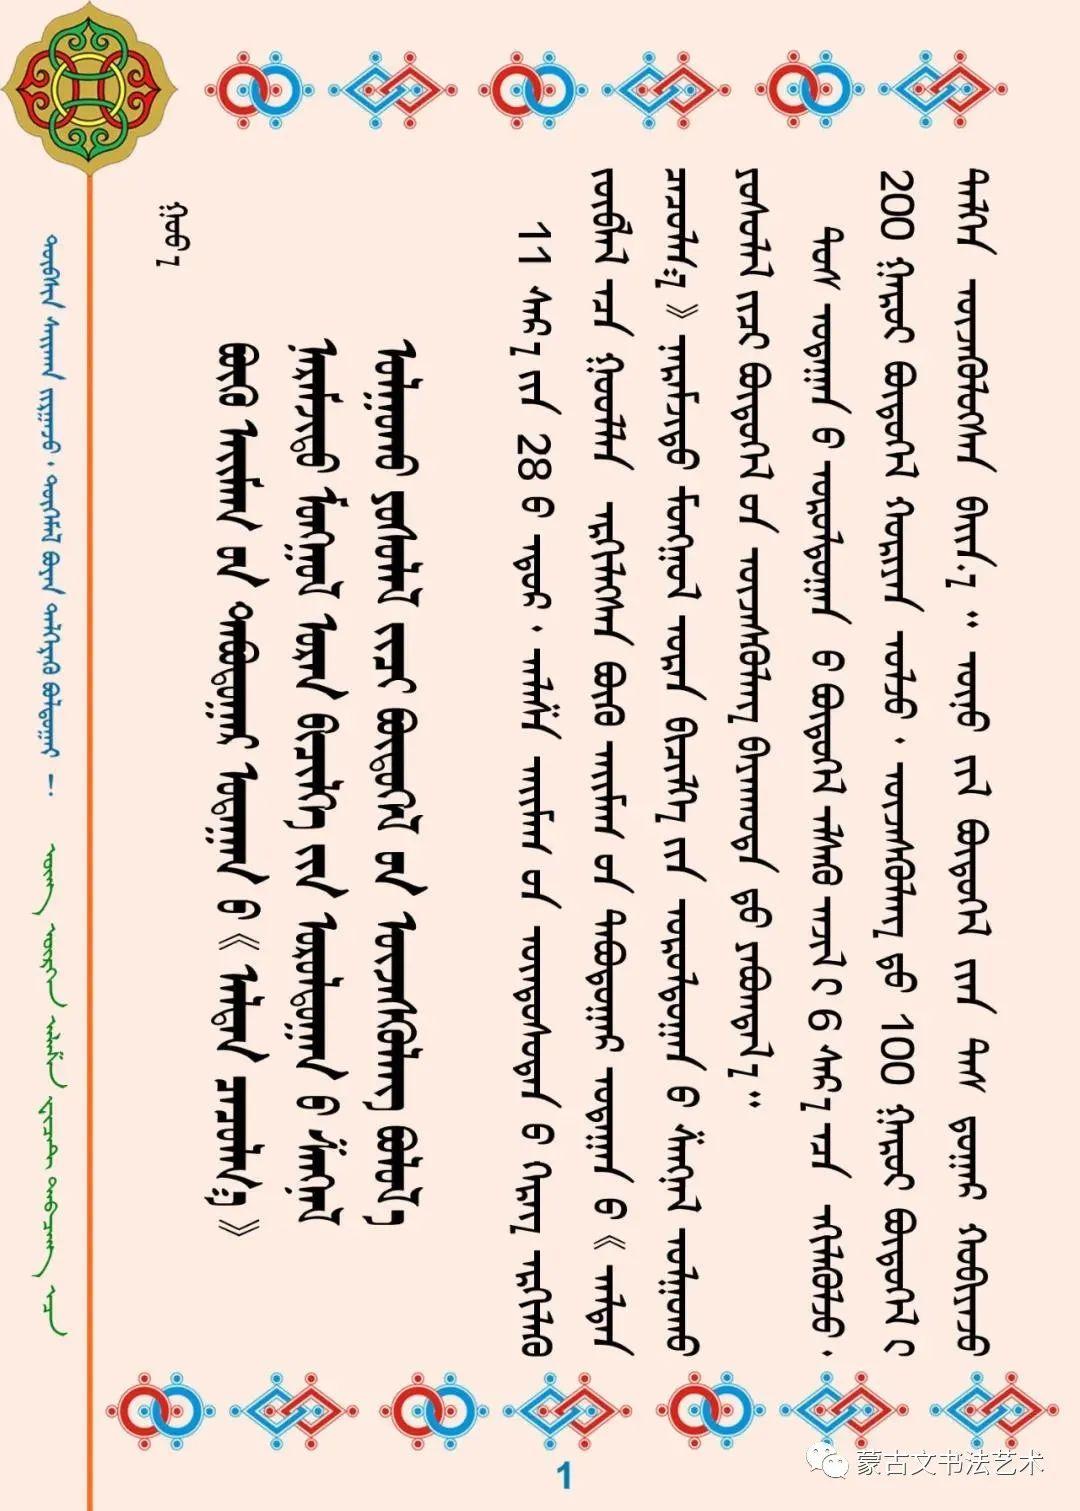 《金戈杯》蒙古文书法大赛颁奖典礼暨作品展让你一饱眼福 第1张 《金戈杯》蒙古文书法大赛颁奖典礼暨作品展让你一饱眼福 蒙古书法